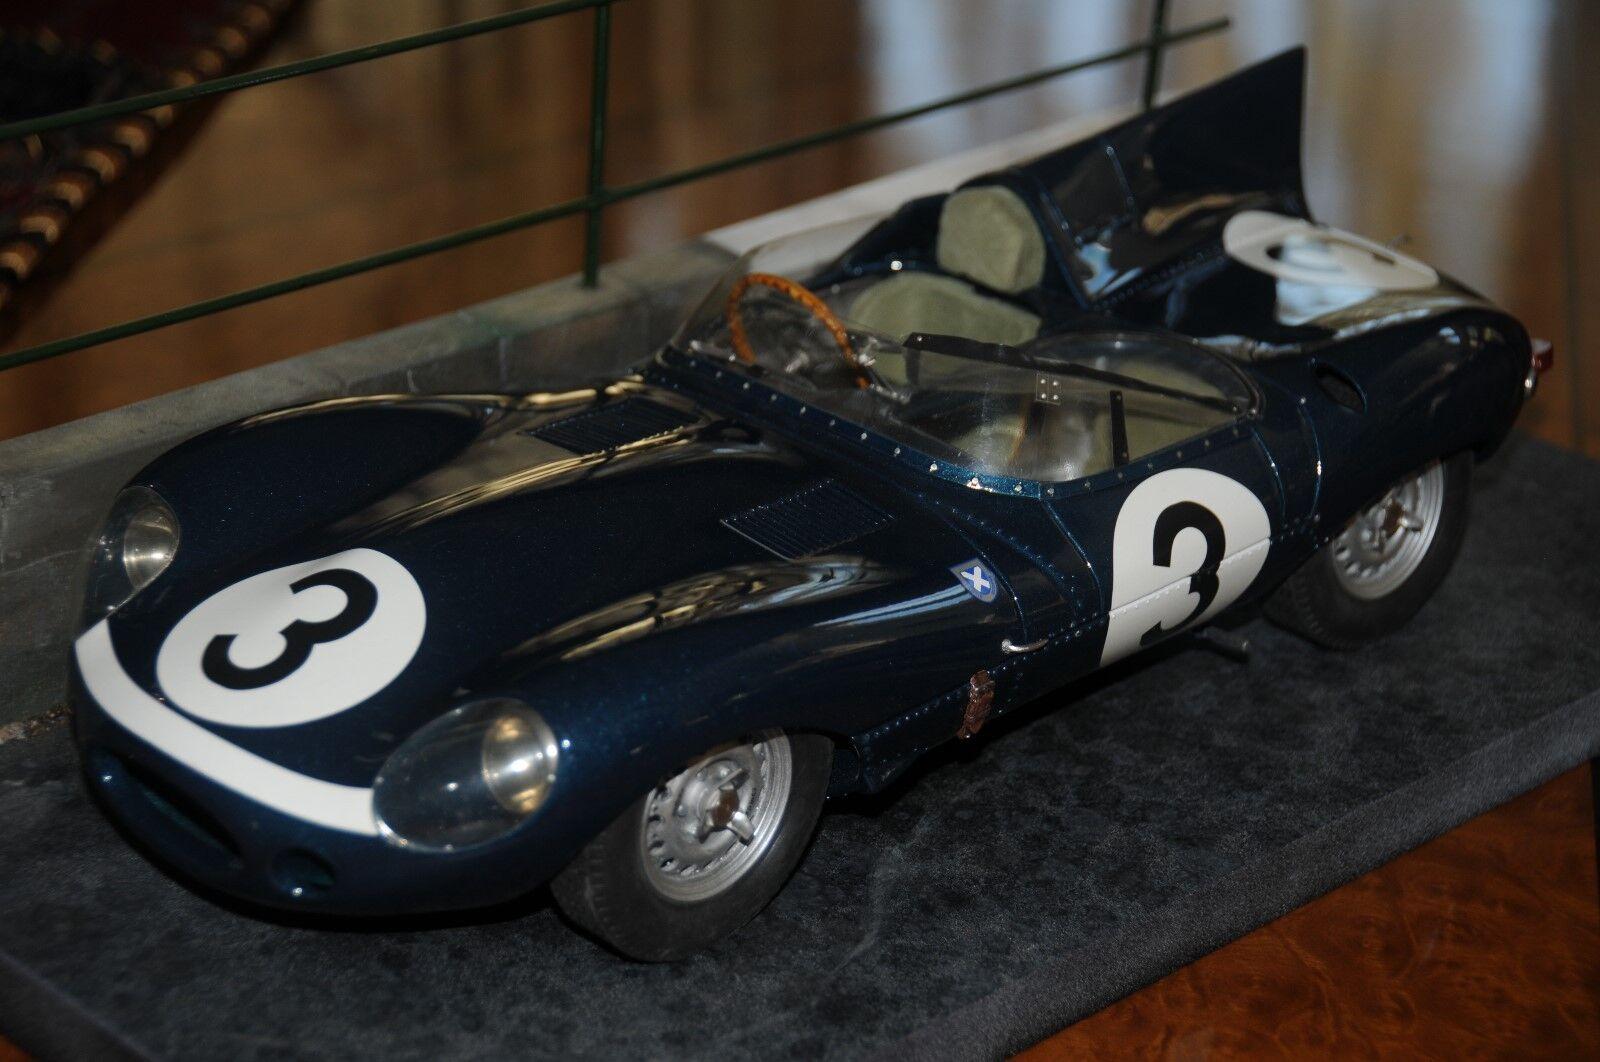 Patrice de Conto 1 12 1957 Ecurie Ecosse Jaguar Type-D Long Nez 1st le Mans